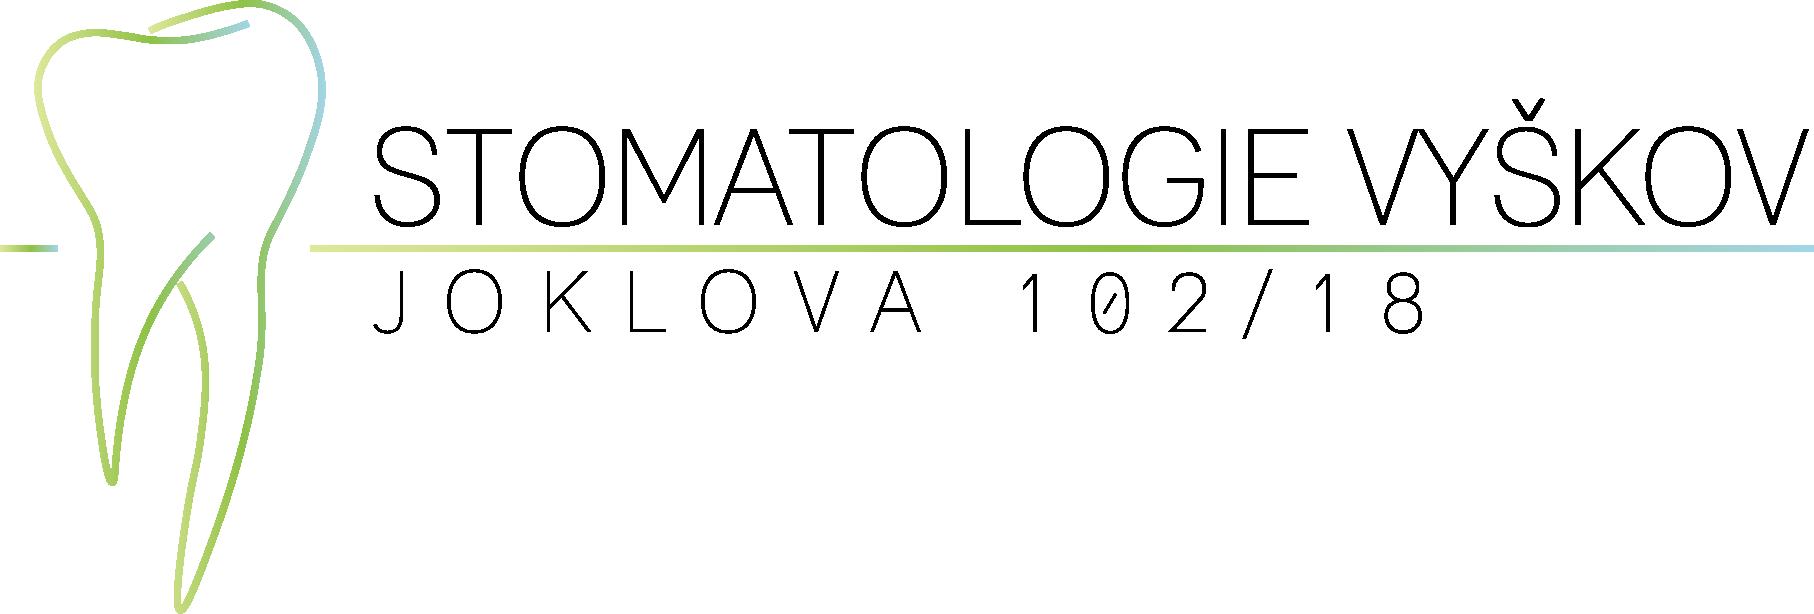 Stomatologie Vyškov logotype